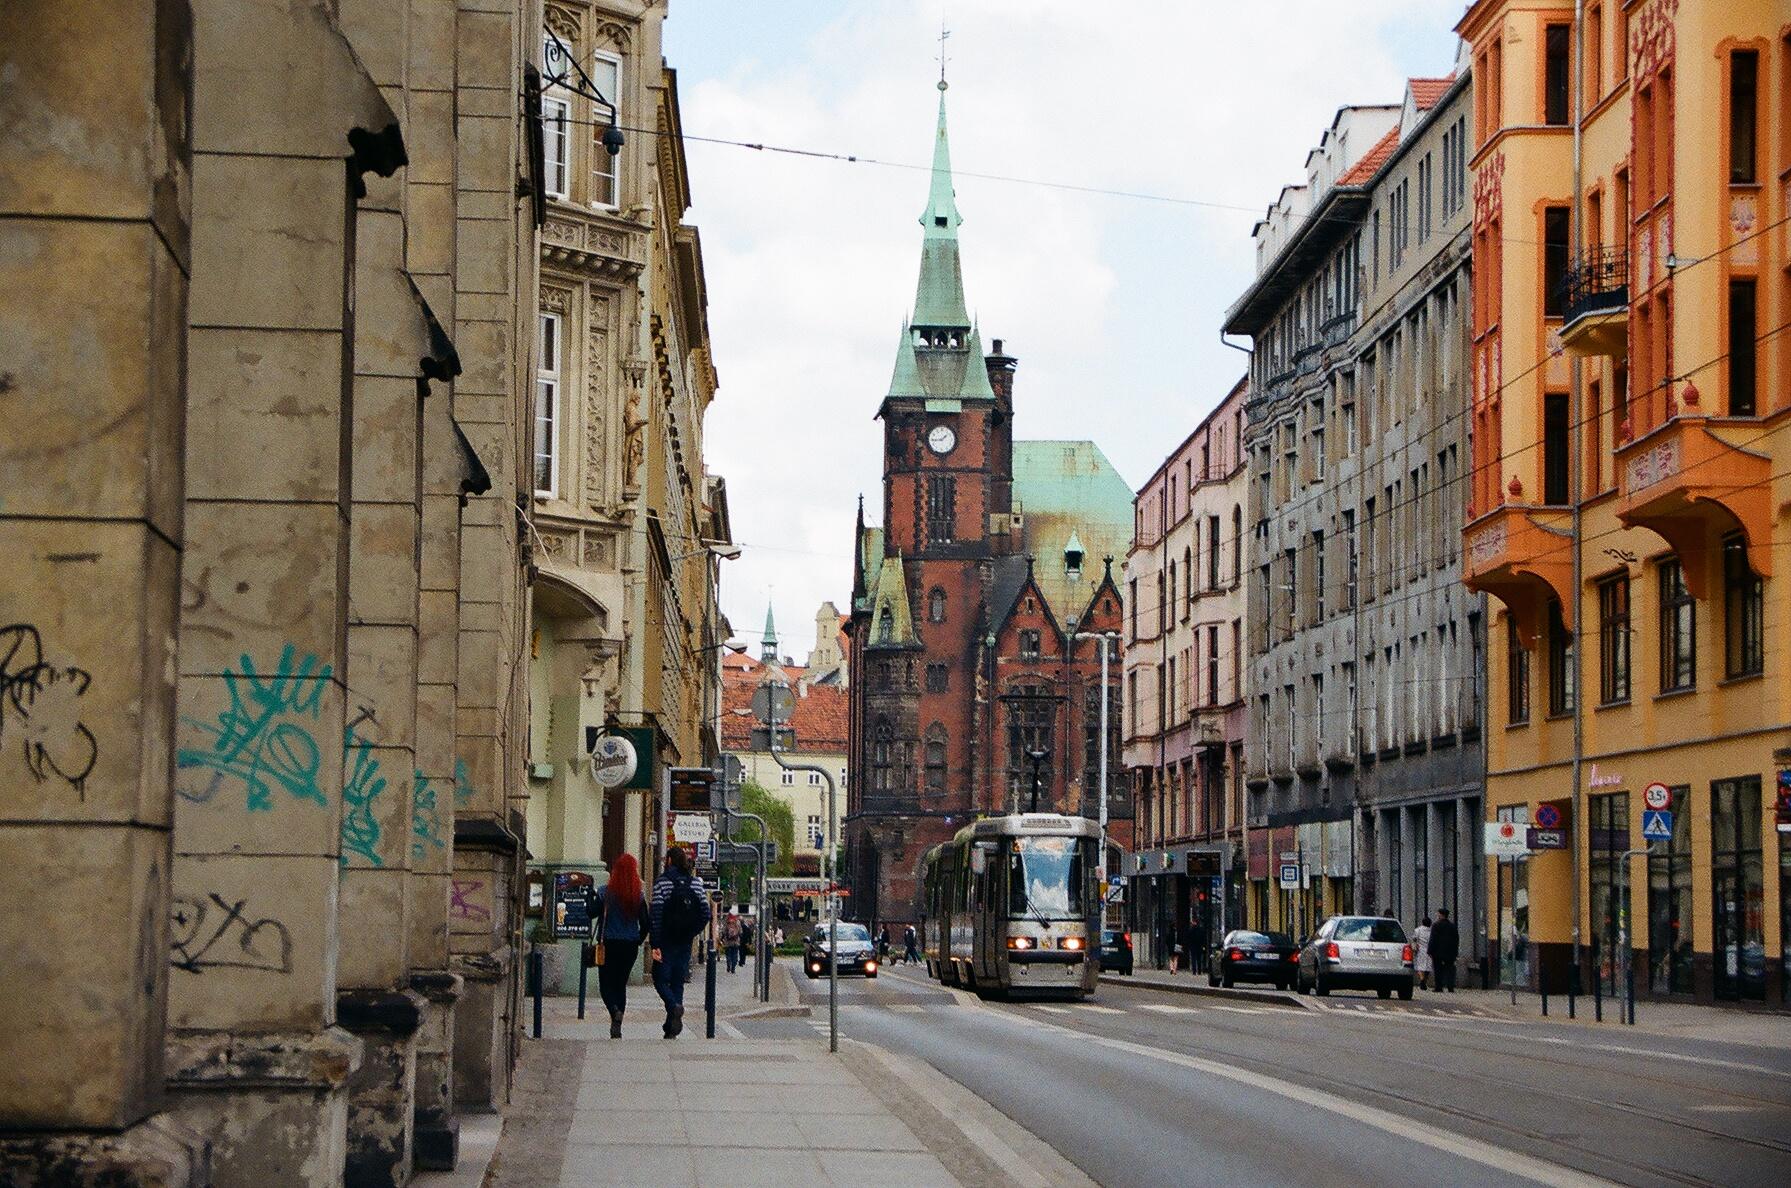 Zdjęcie ulicy, w tle jest tramawaj i para przechodniów.